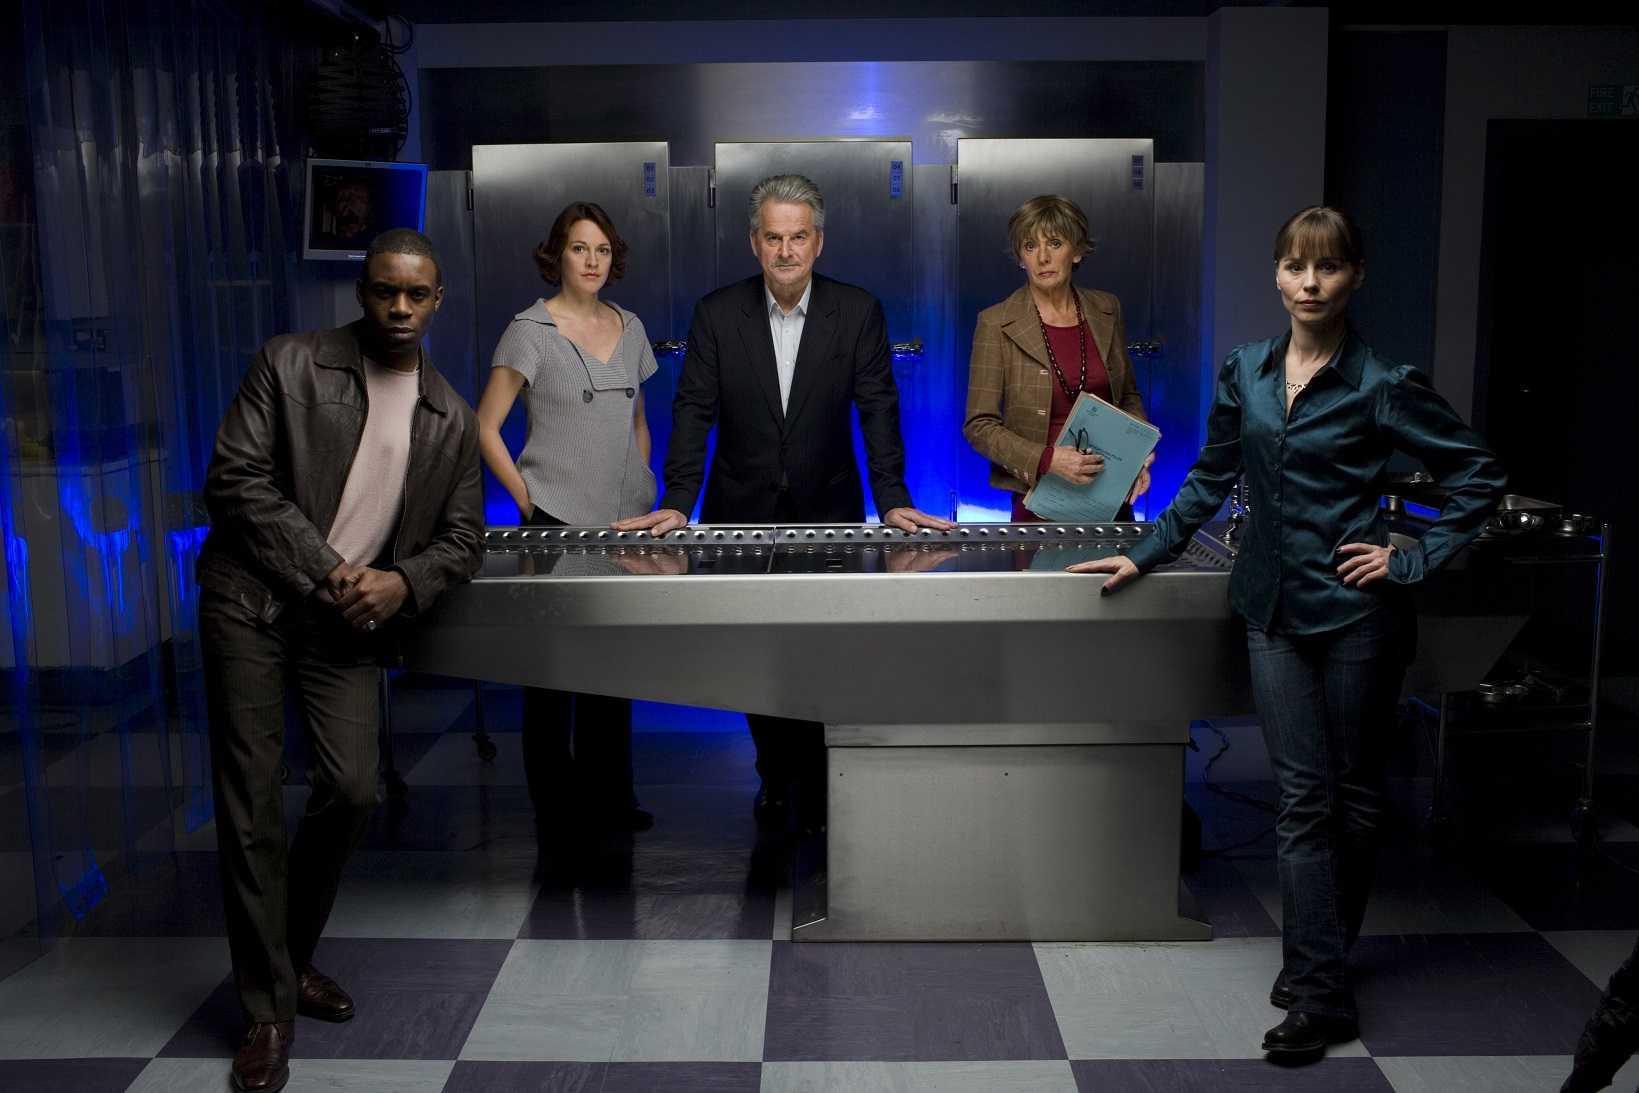 Waking The Dead: la settima stagione in prima tv assoluta su Giallo   Digitale terrestre: Dtti.it